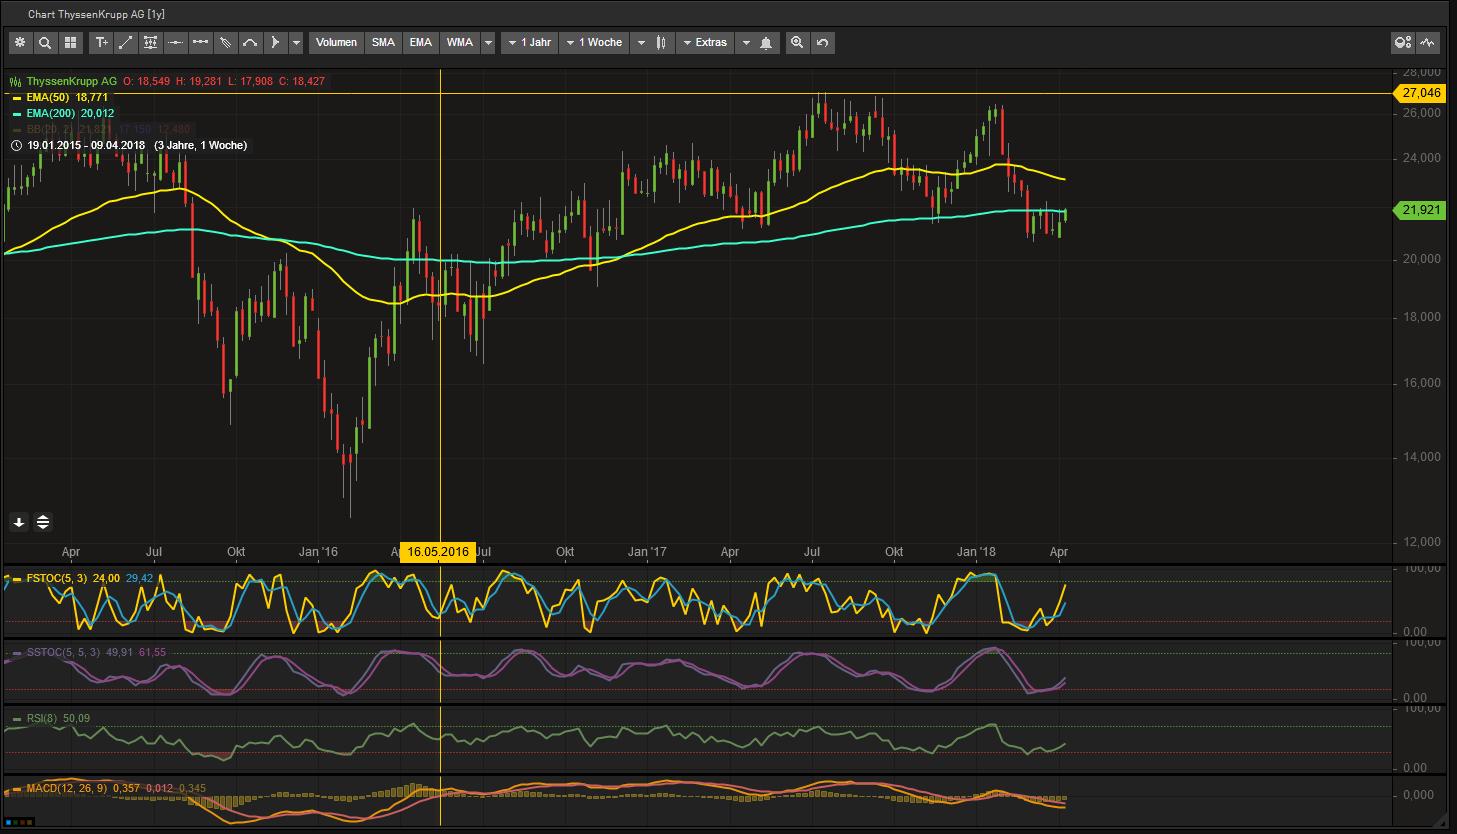 chart_thyssen.png